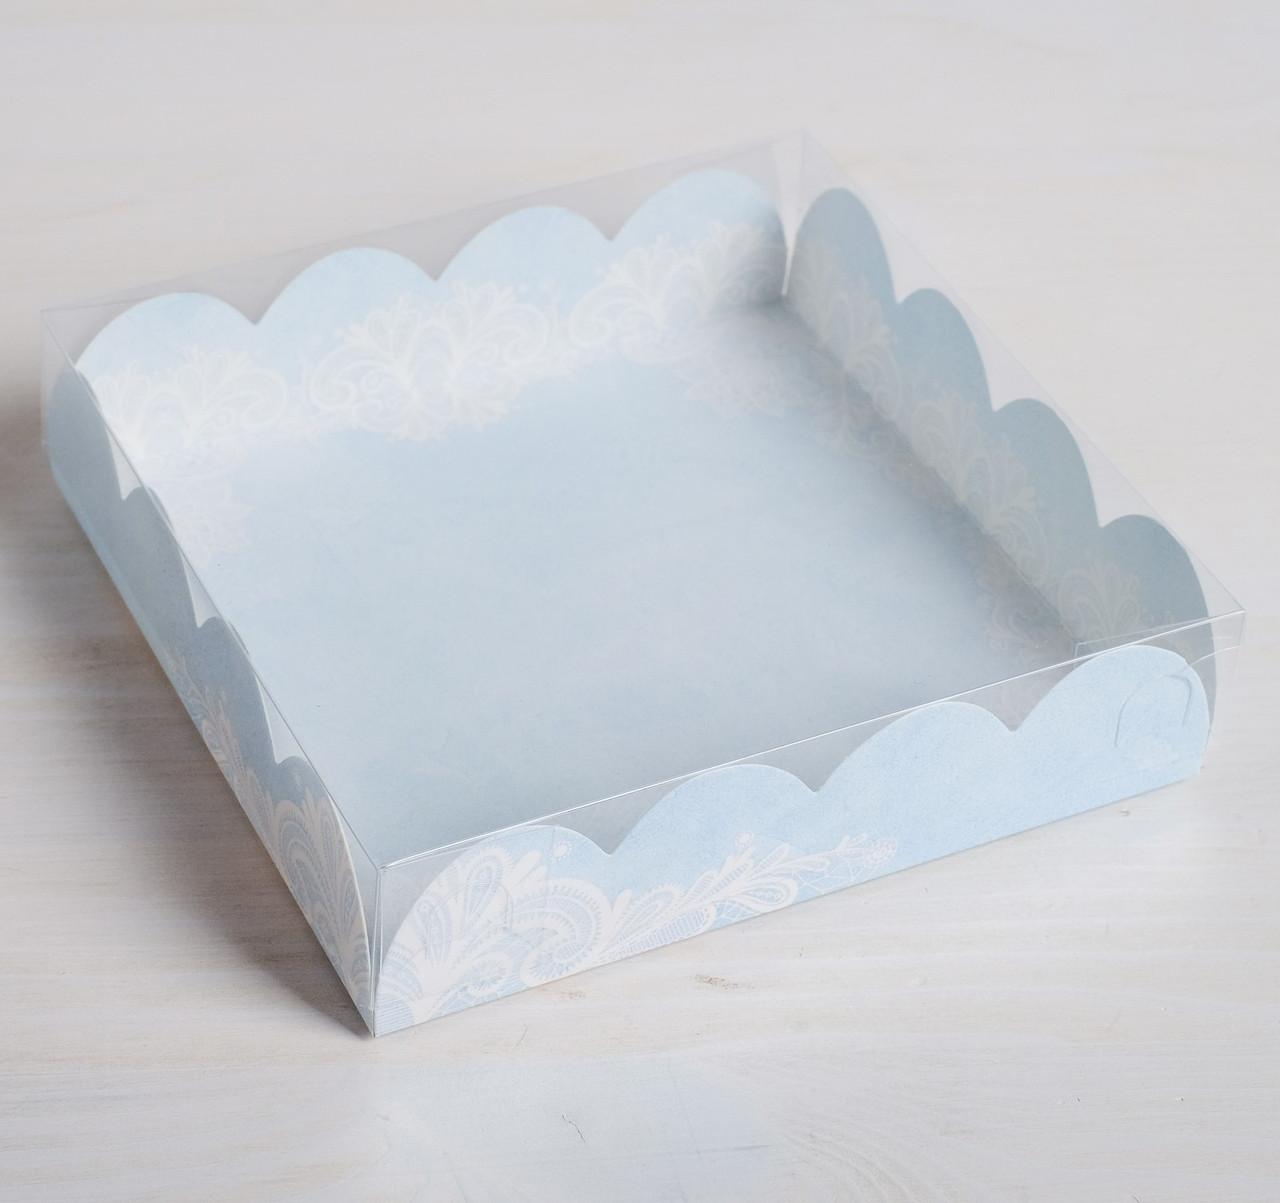 Коробка для кондитерских изделий с PVC-крышкой «Сделано с любовью», 13 × 13 × 3 см